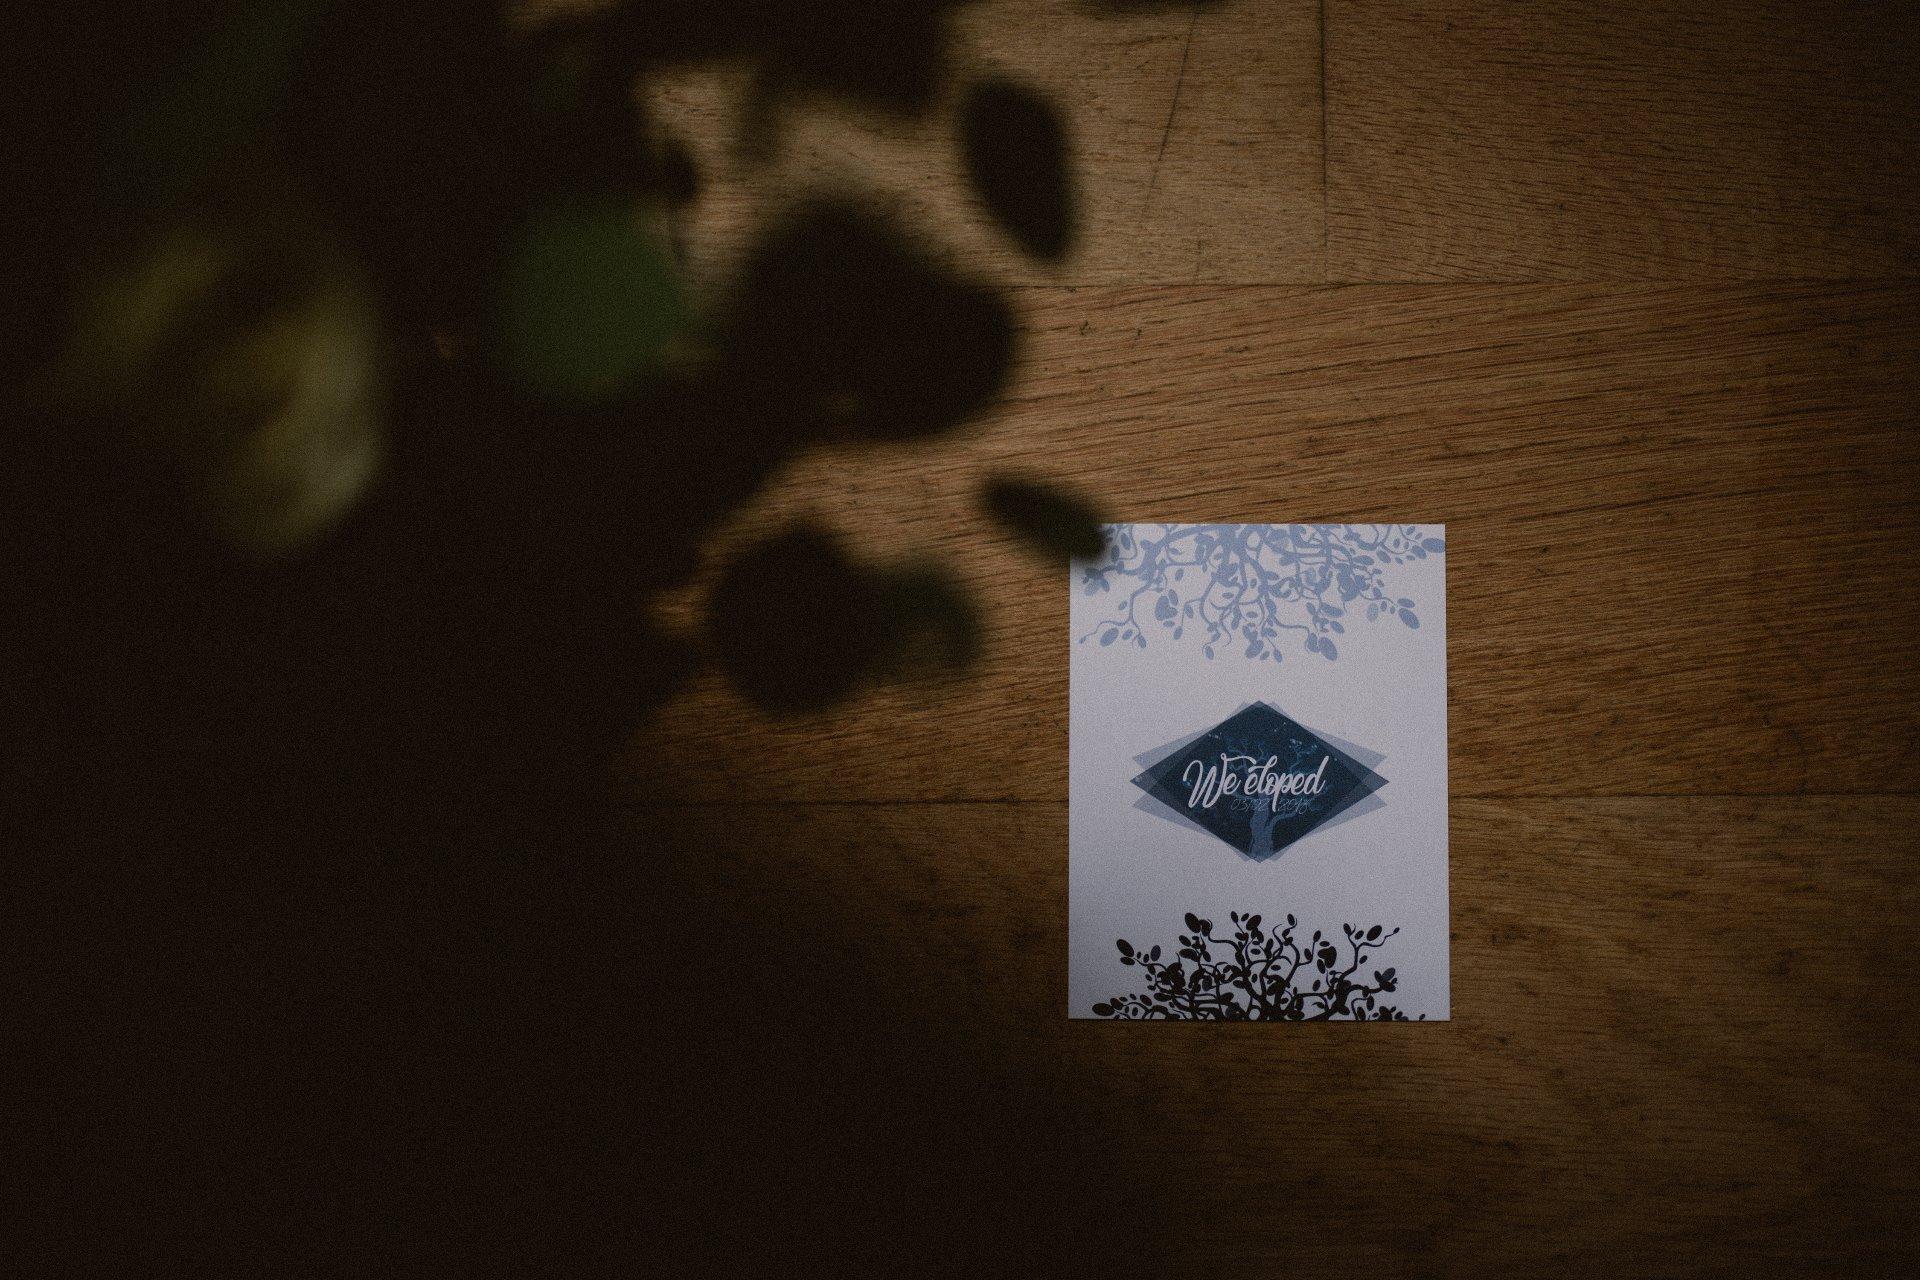 sterenn-officiante-ceremonie-laique-papeterie-elopement